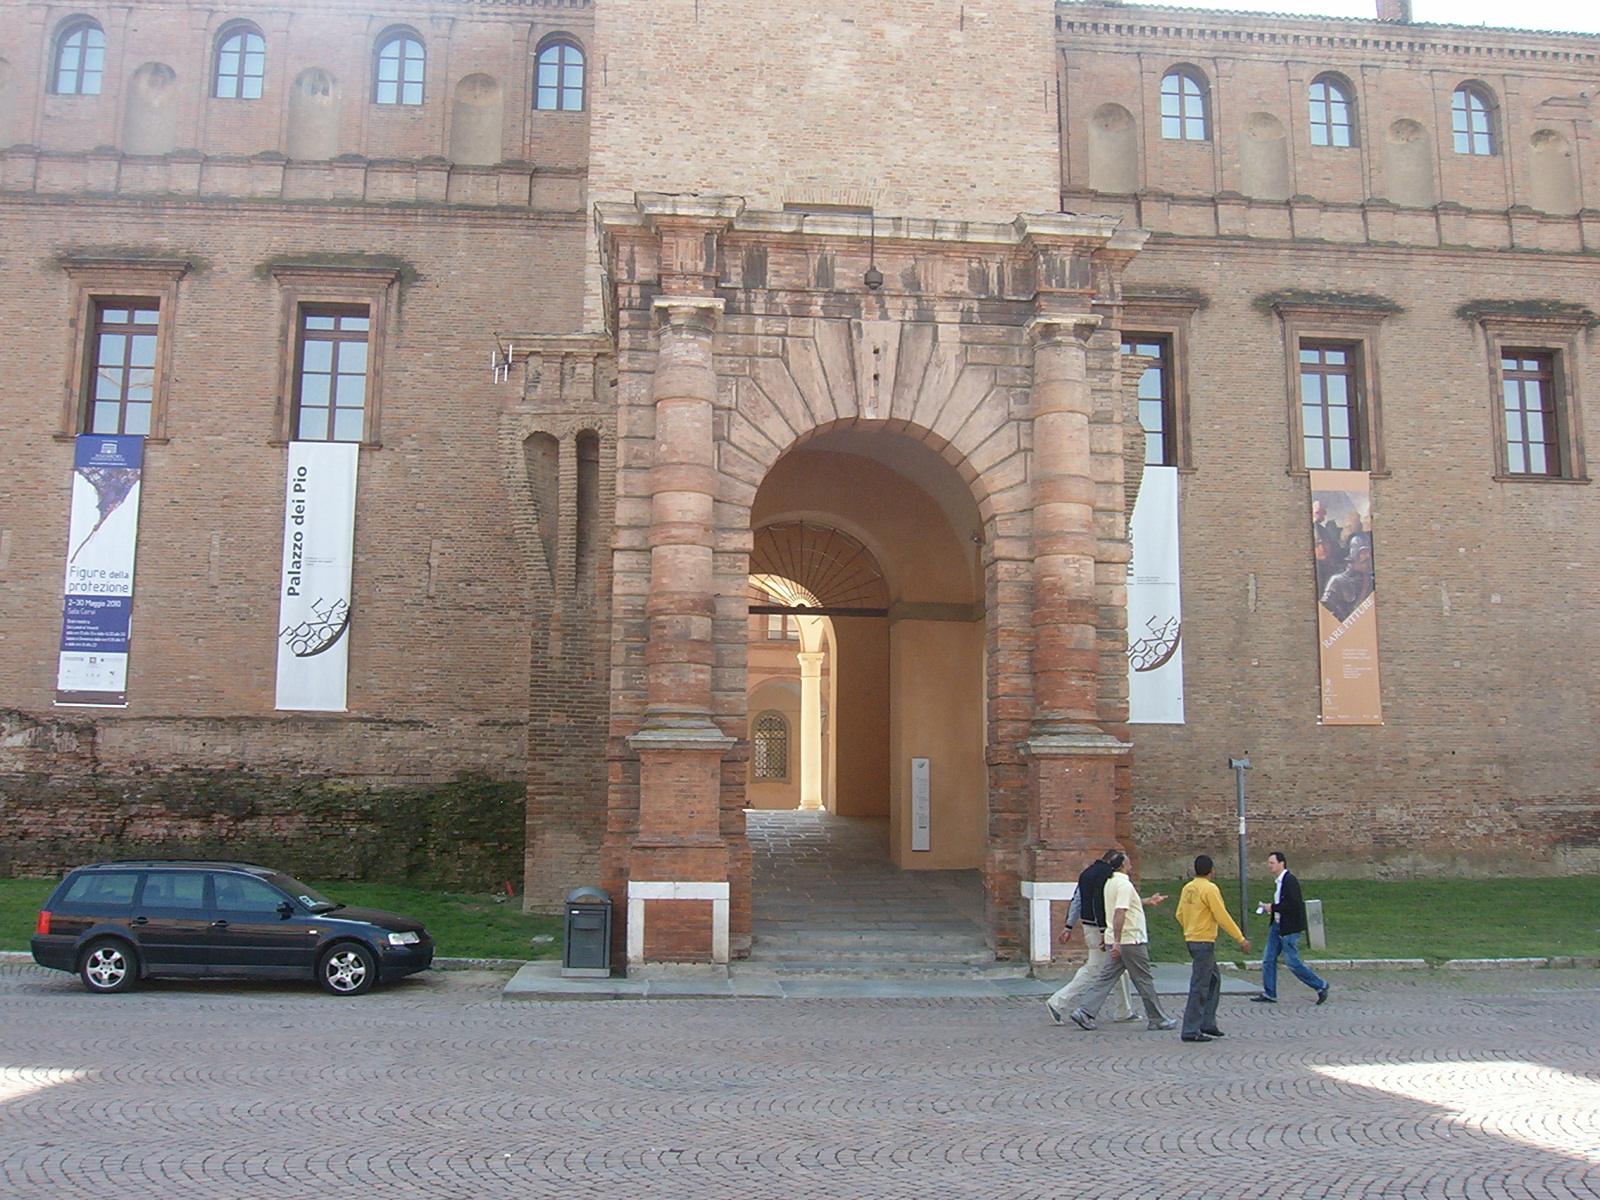 striscione pubblicitario roll up per esterni finestre palazzo del Pio sericart2